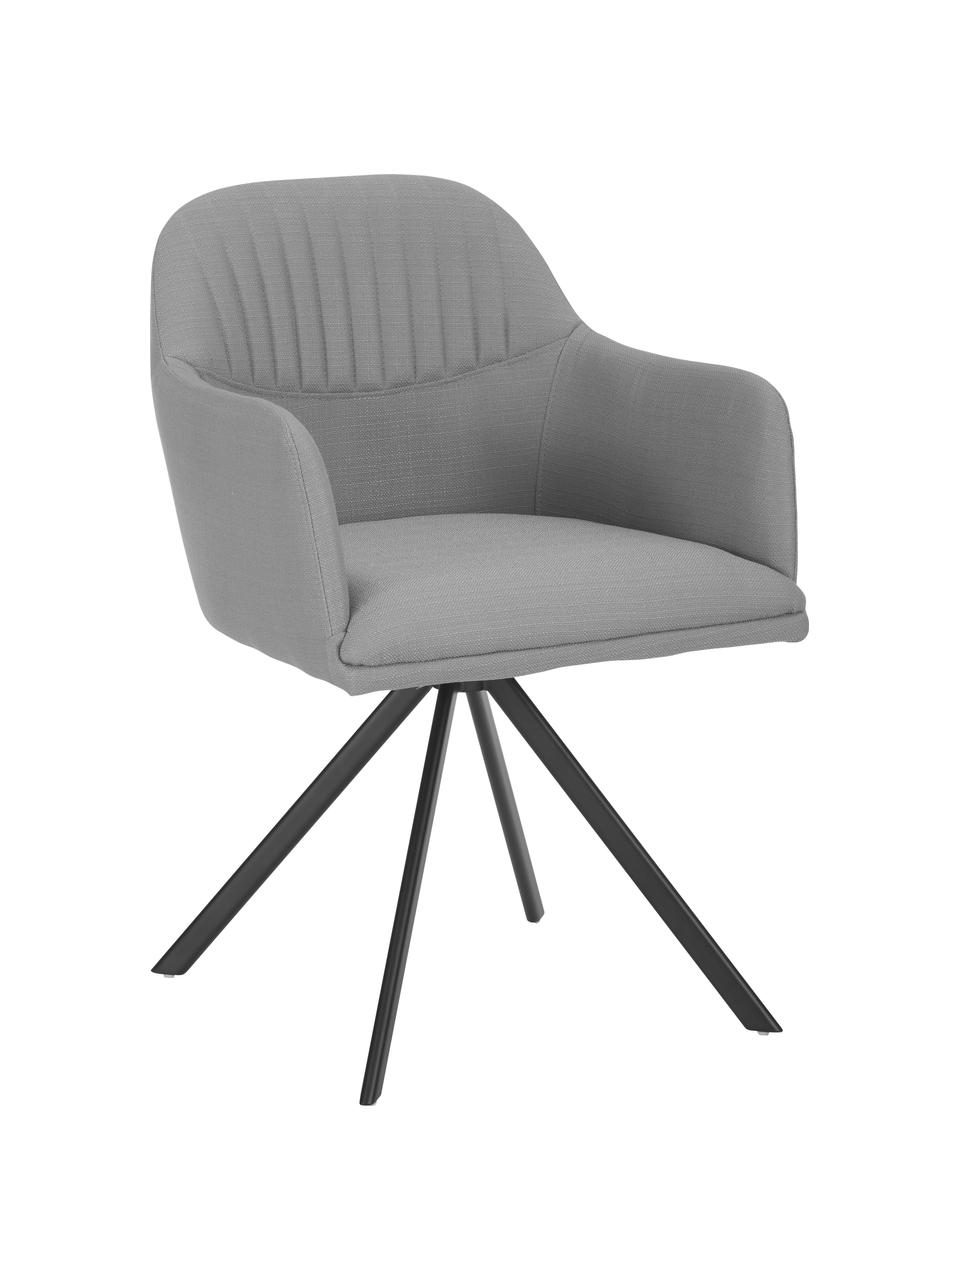 Polster-Drehstuhl Lola mit Armlehne, Bezug: Polyester, Webstoff Grau, Beine Schwarz, B 55 x T 52 cm